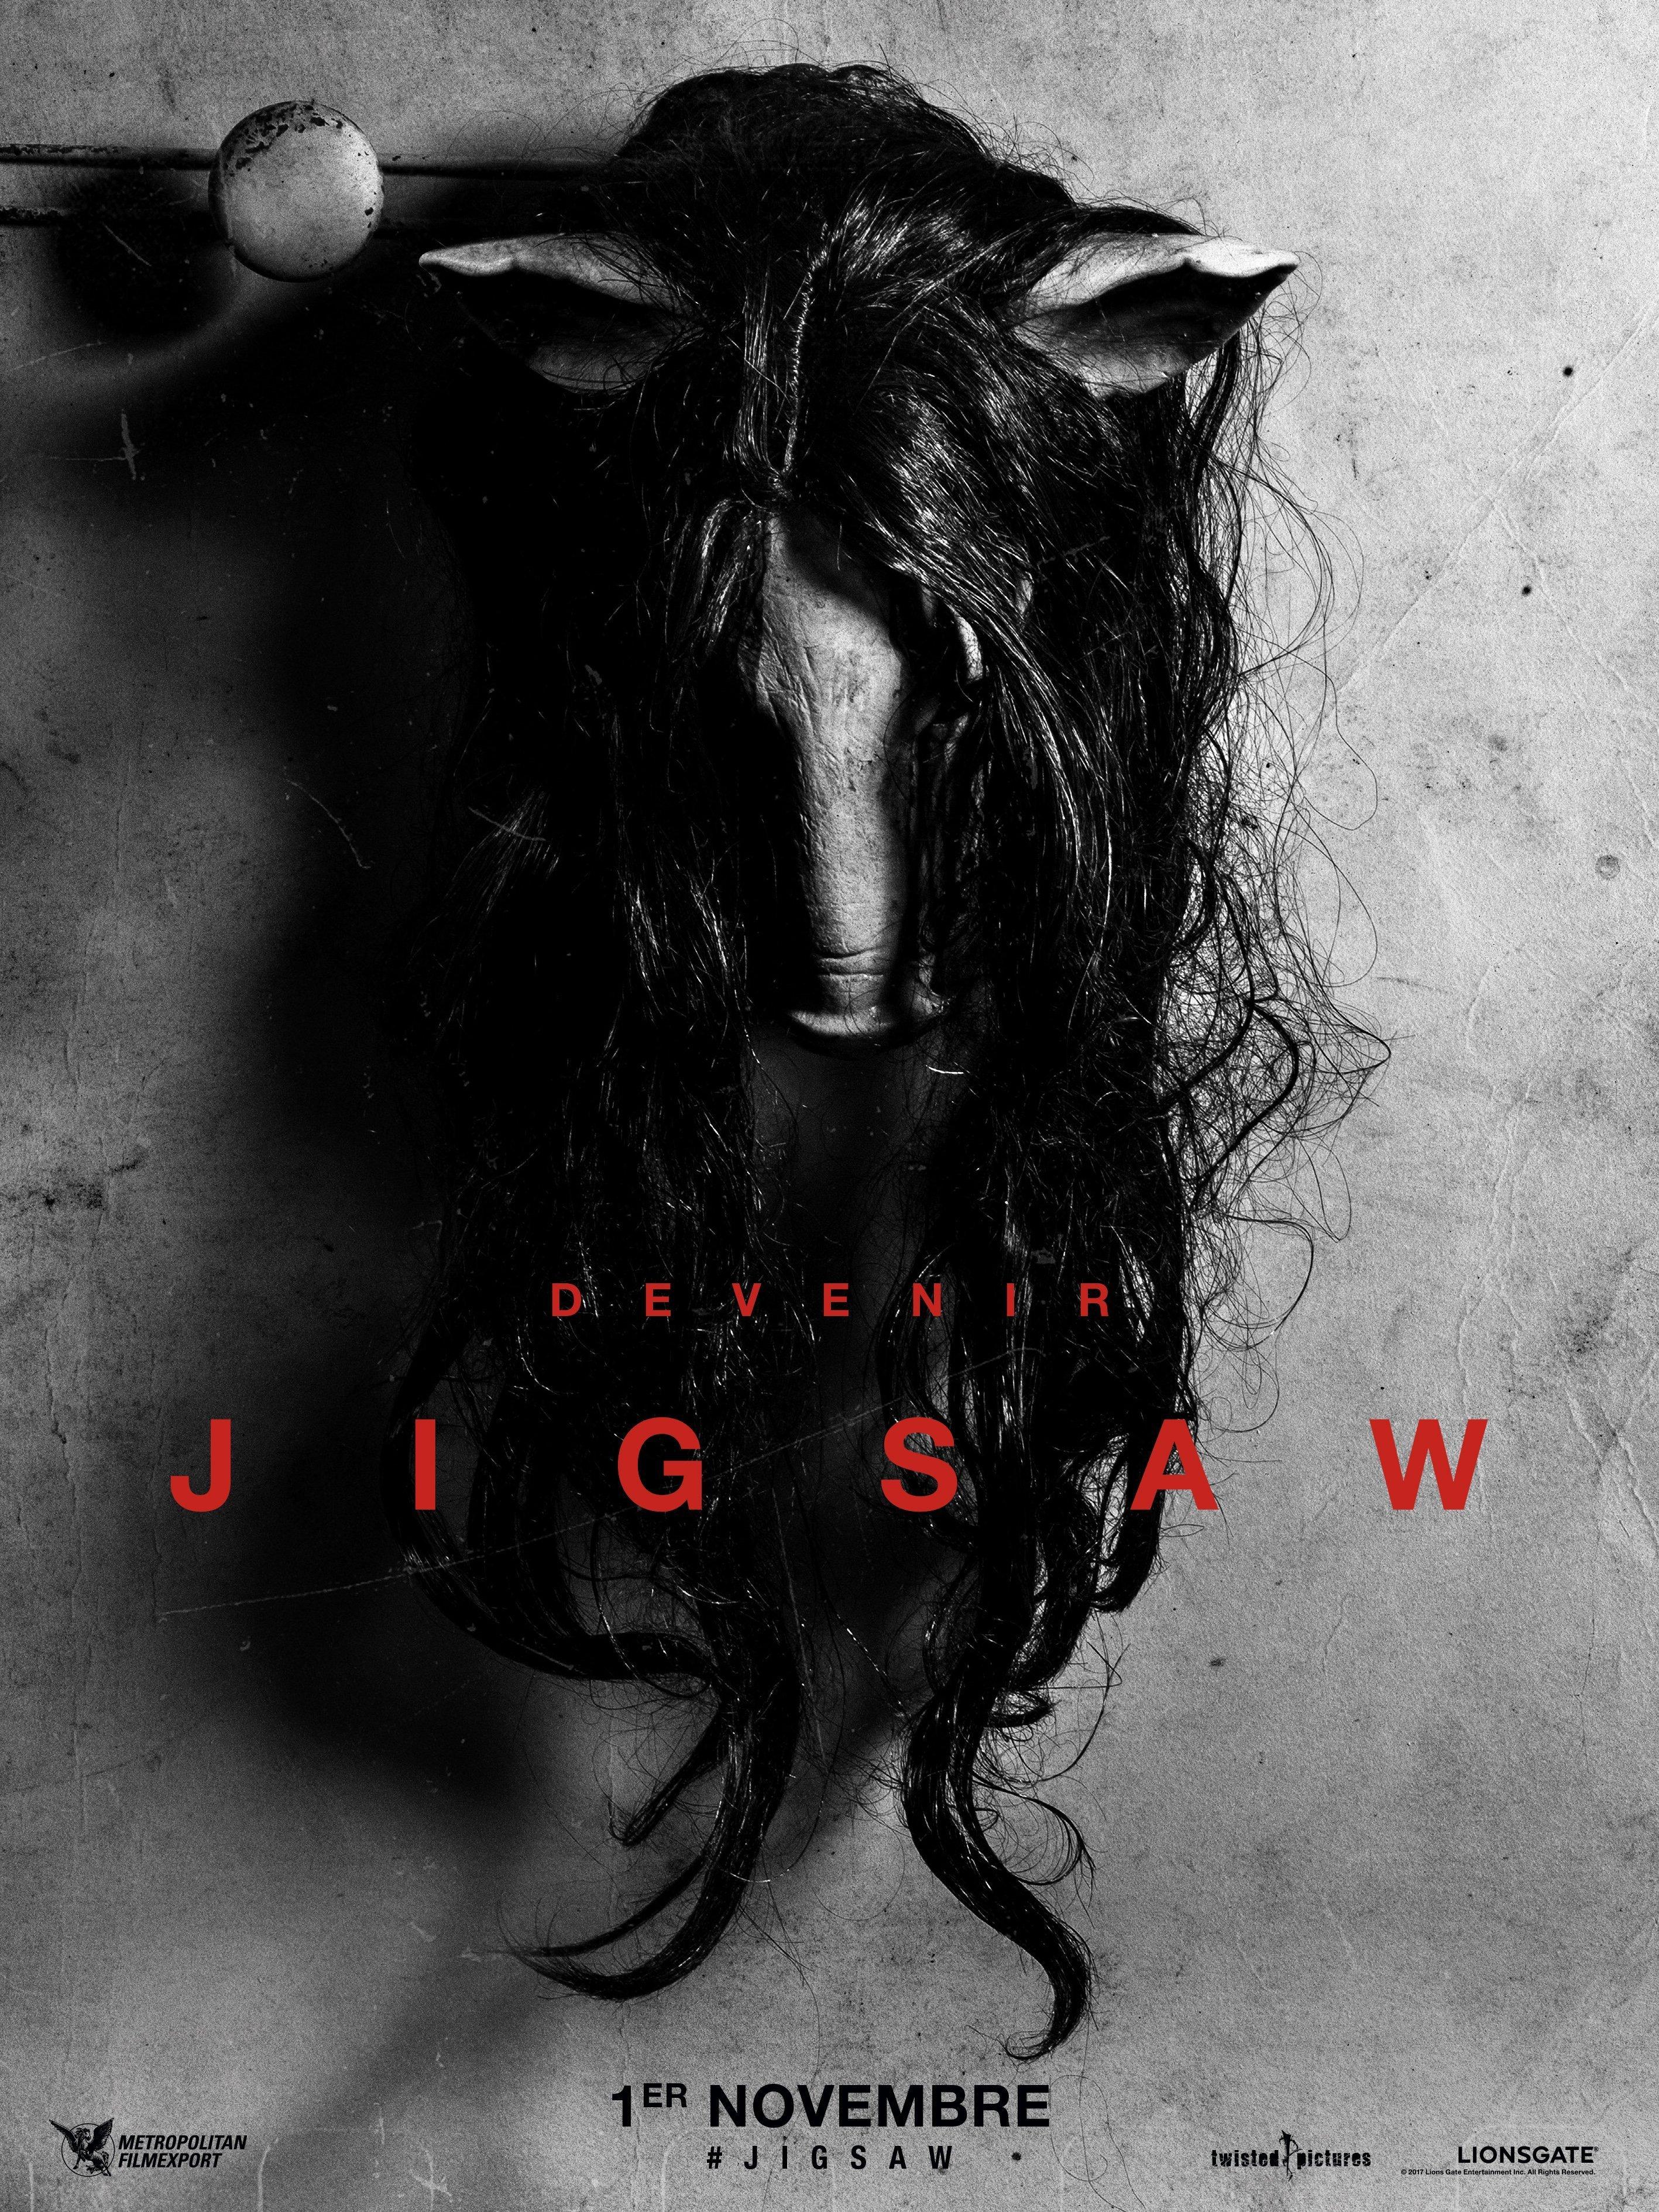 """Affiche teaser du film Jigsaw avec la tagline """"Devenir"""""""